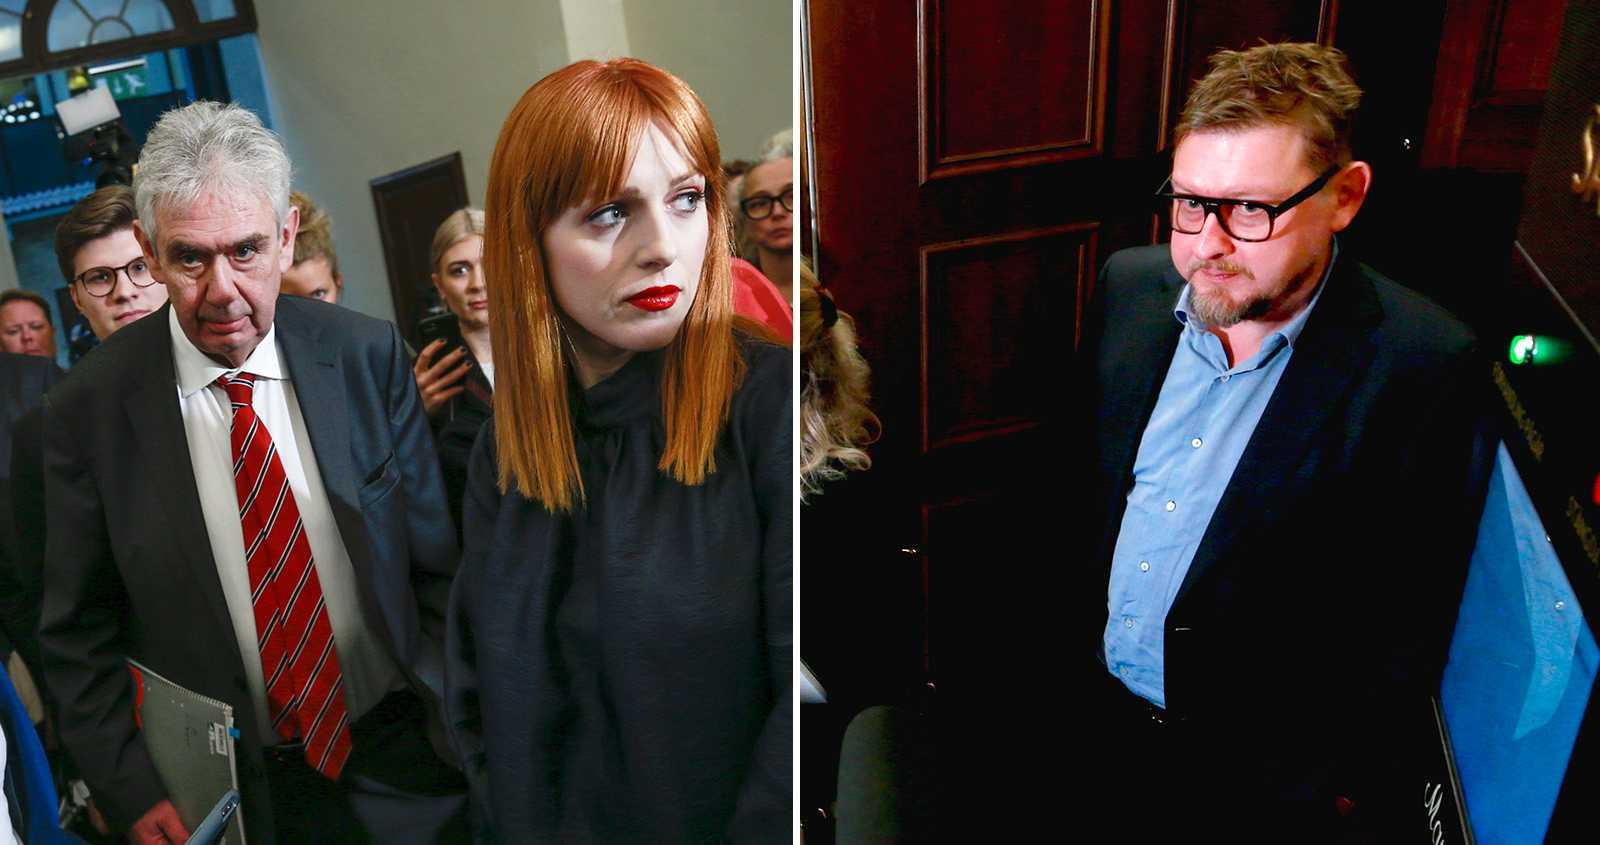 Cissi Wallin dömd för grovt förtal – får böter